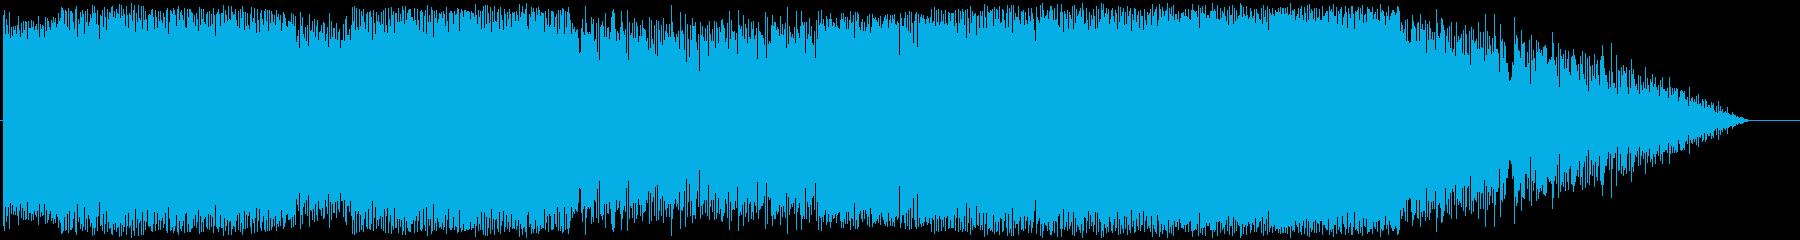 スチームパンク的エレクトロックの再生済みの波形